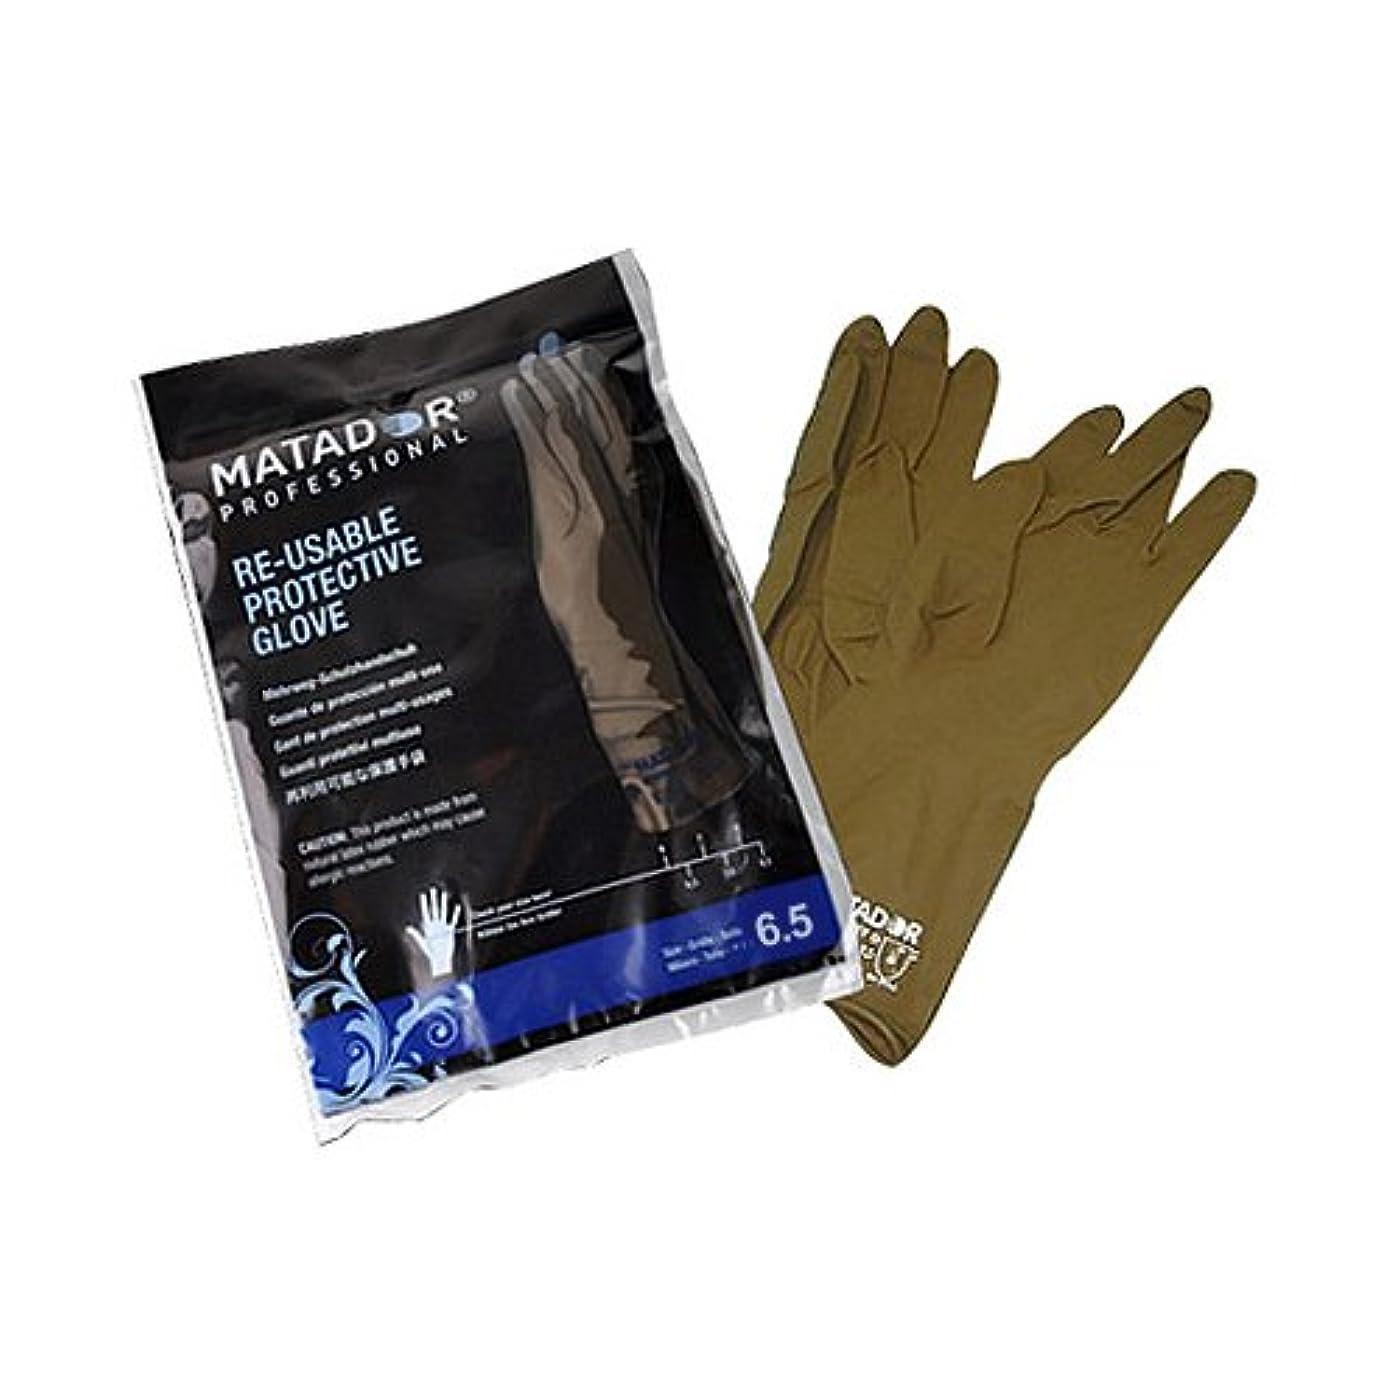 火傷鋼はっきりとマタドールゴム手袋 6.5吋 【10個セット】